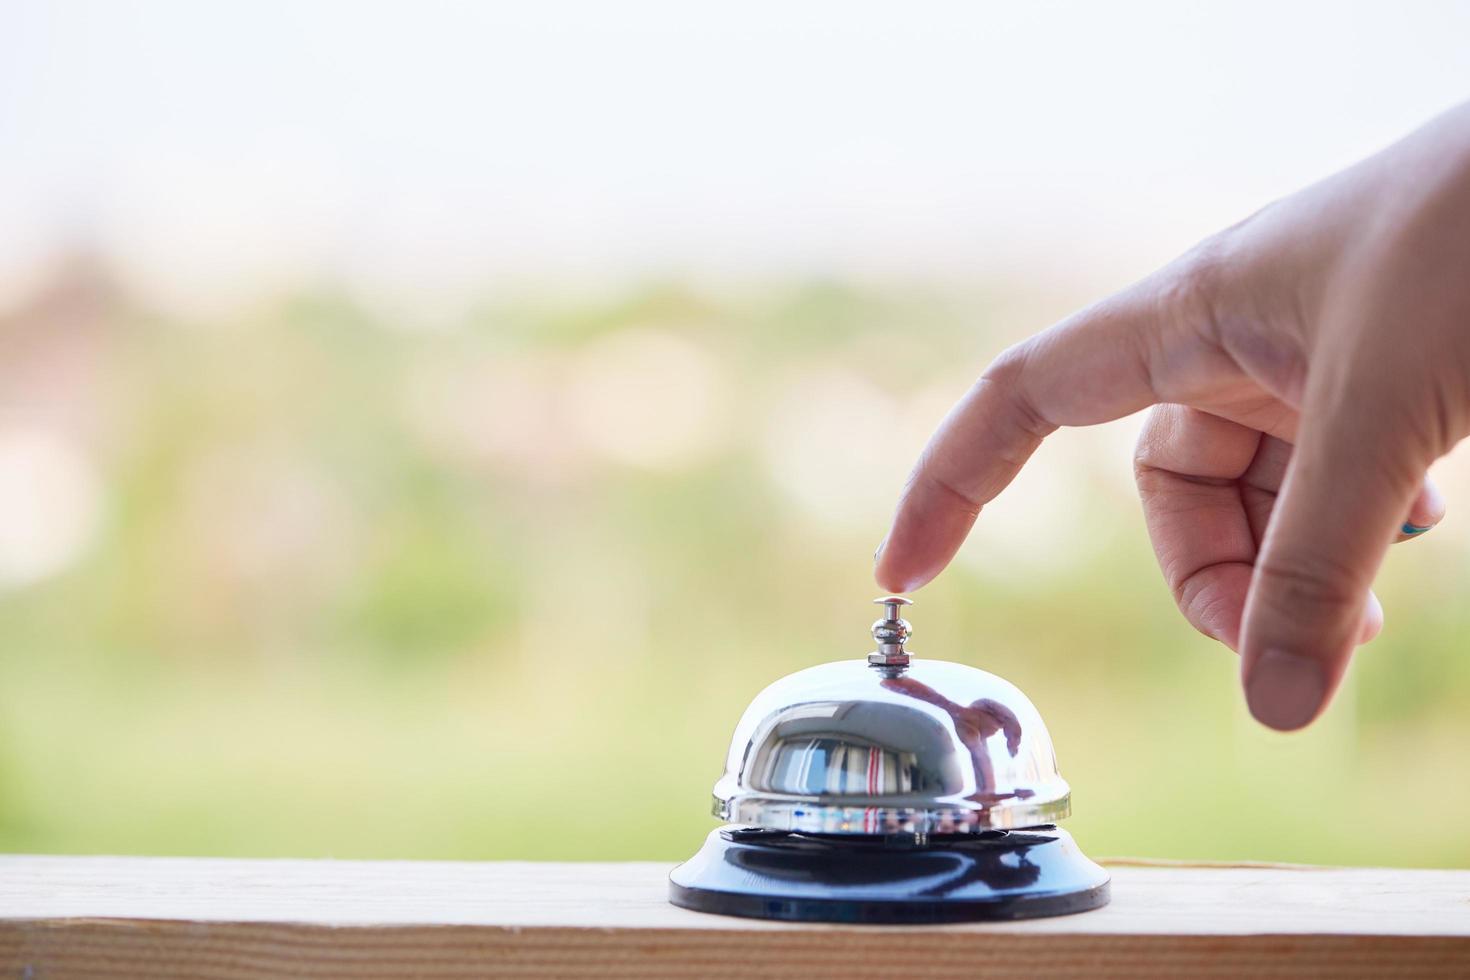 persona tocando una campana de servicio foto